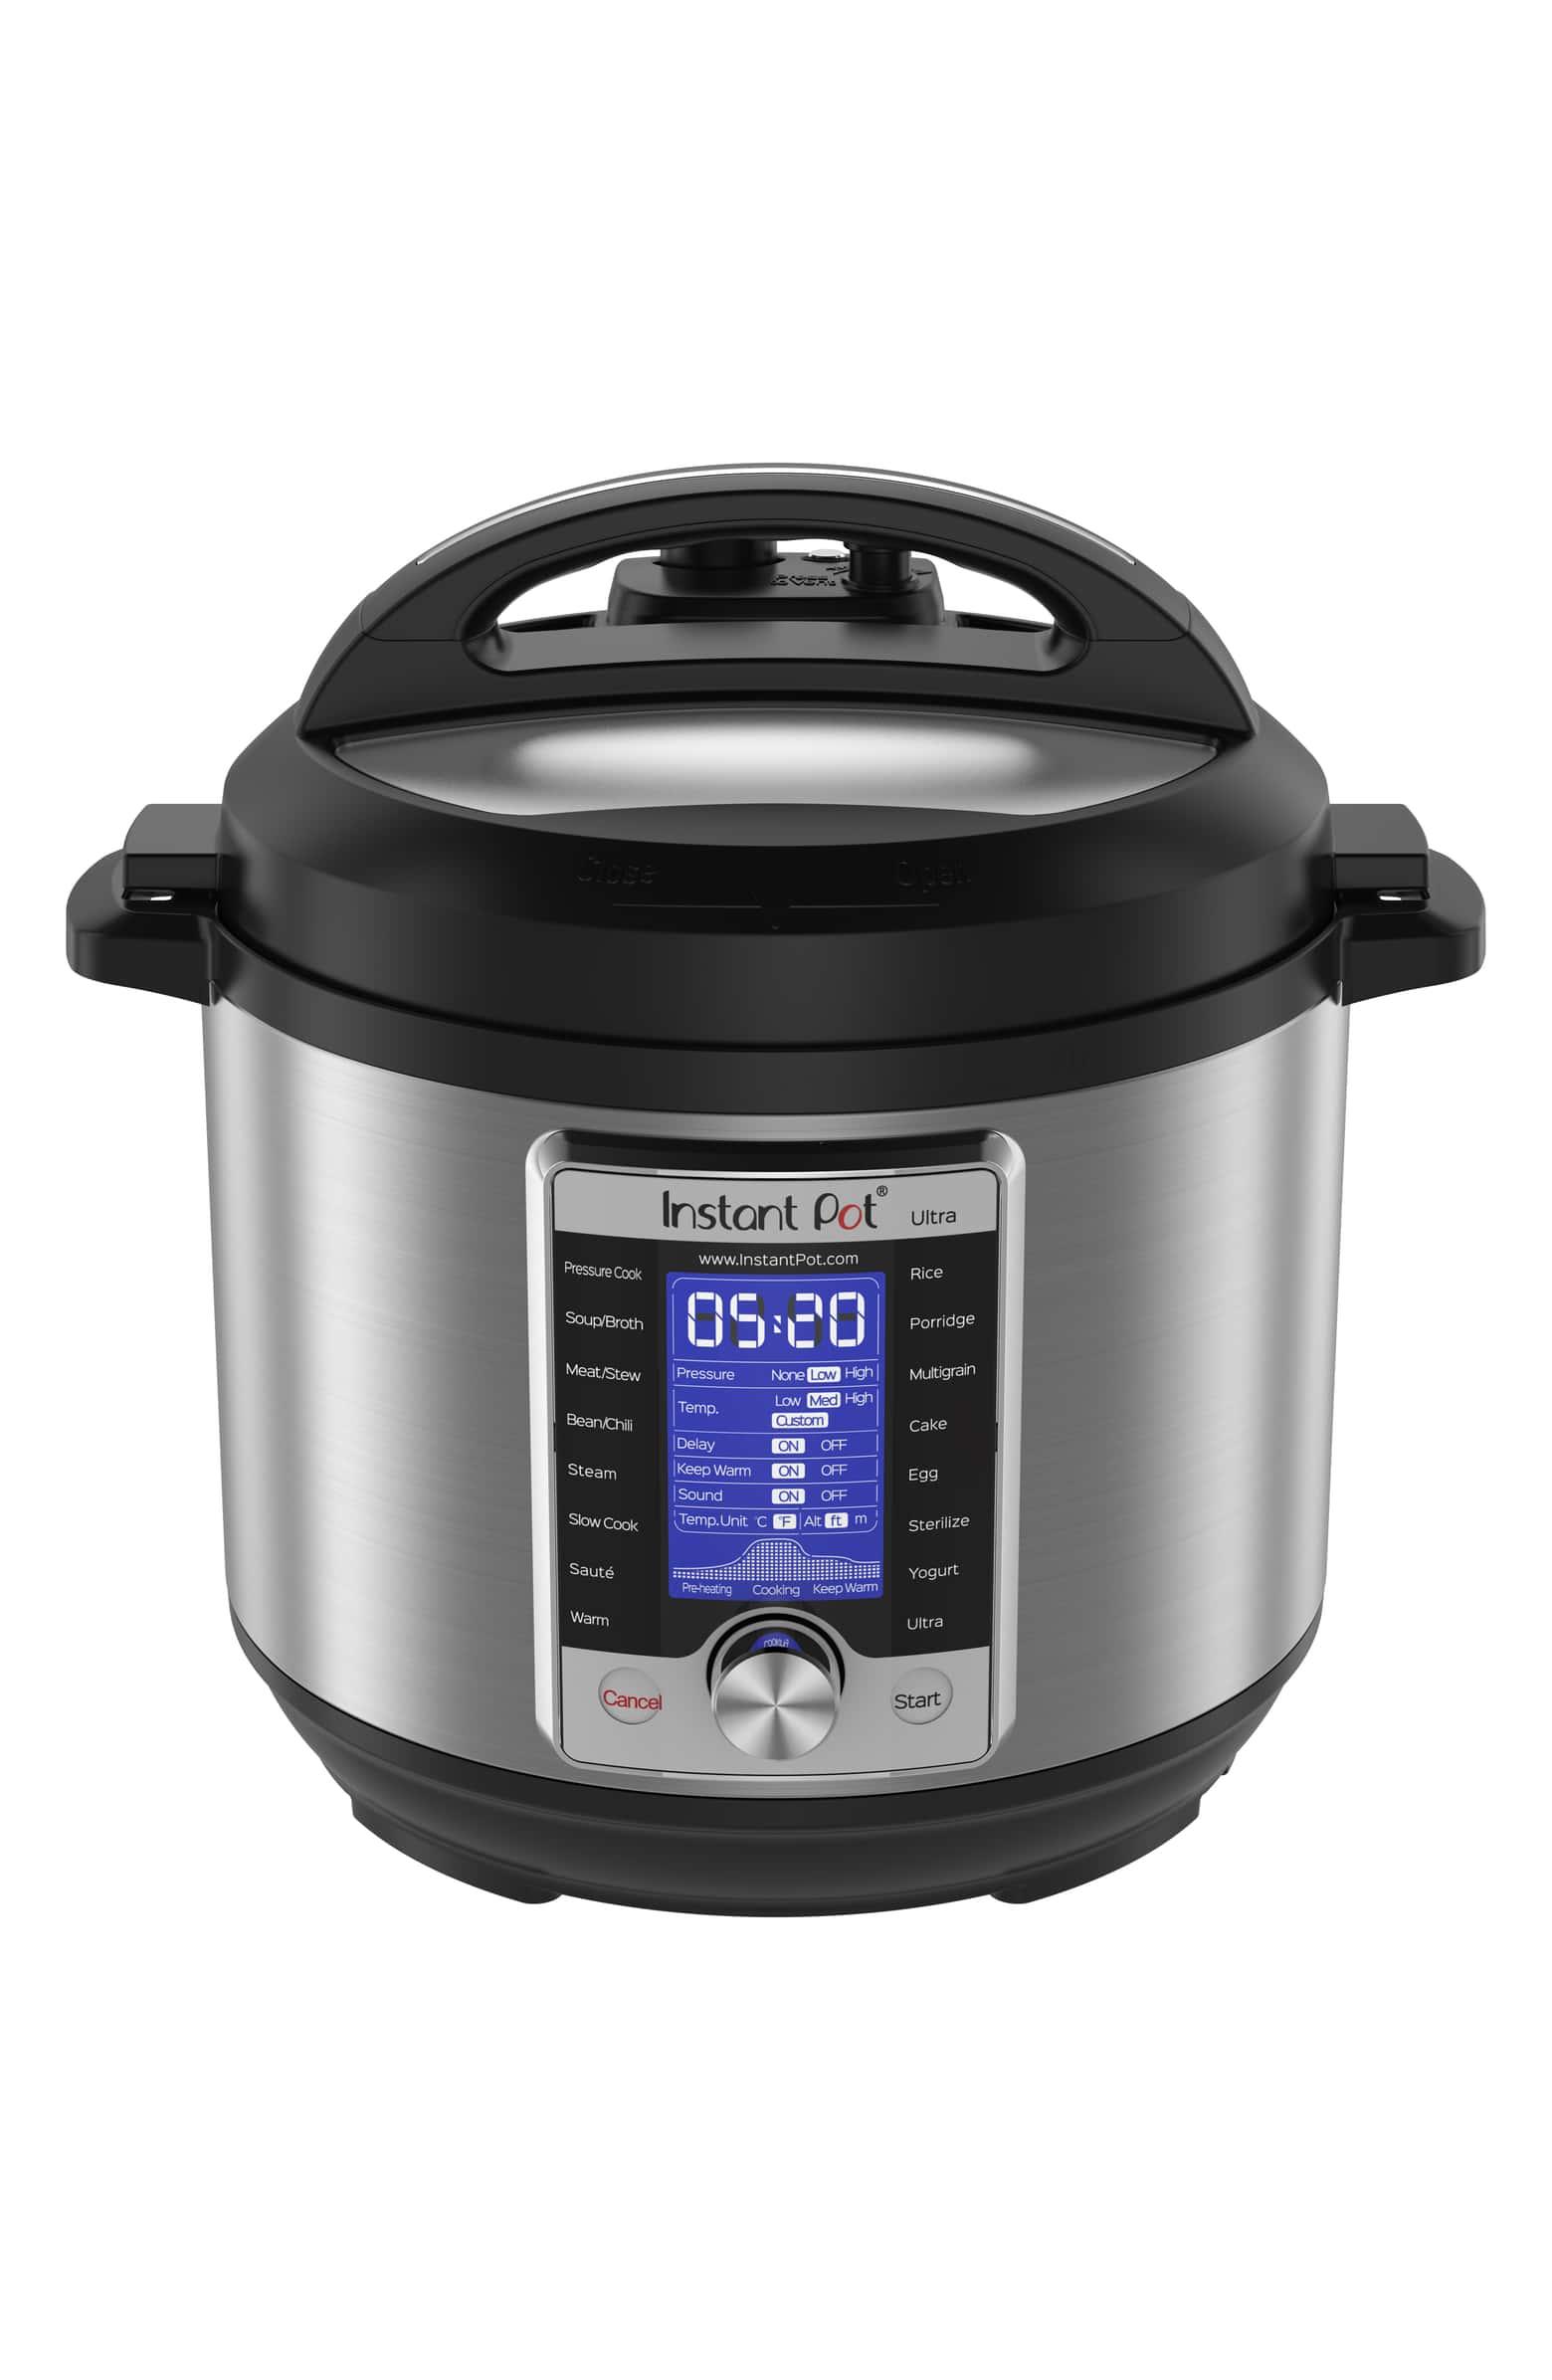 Nordstrom: Instant Pot Cooker